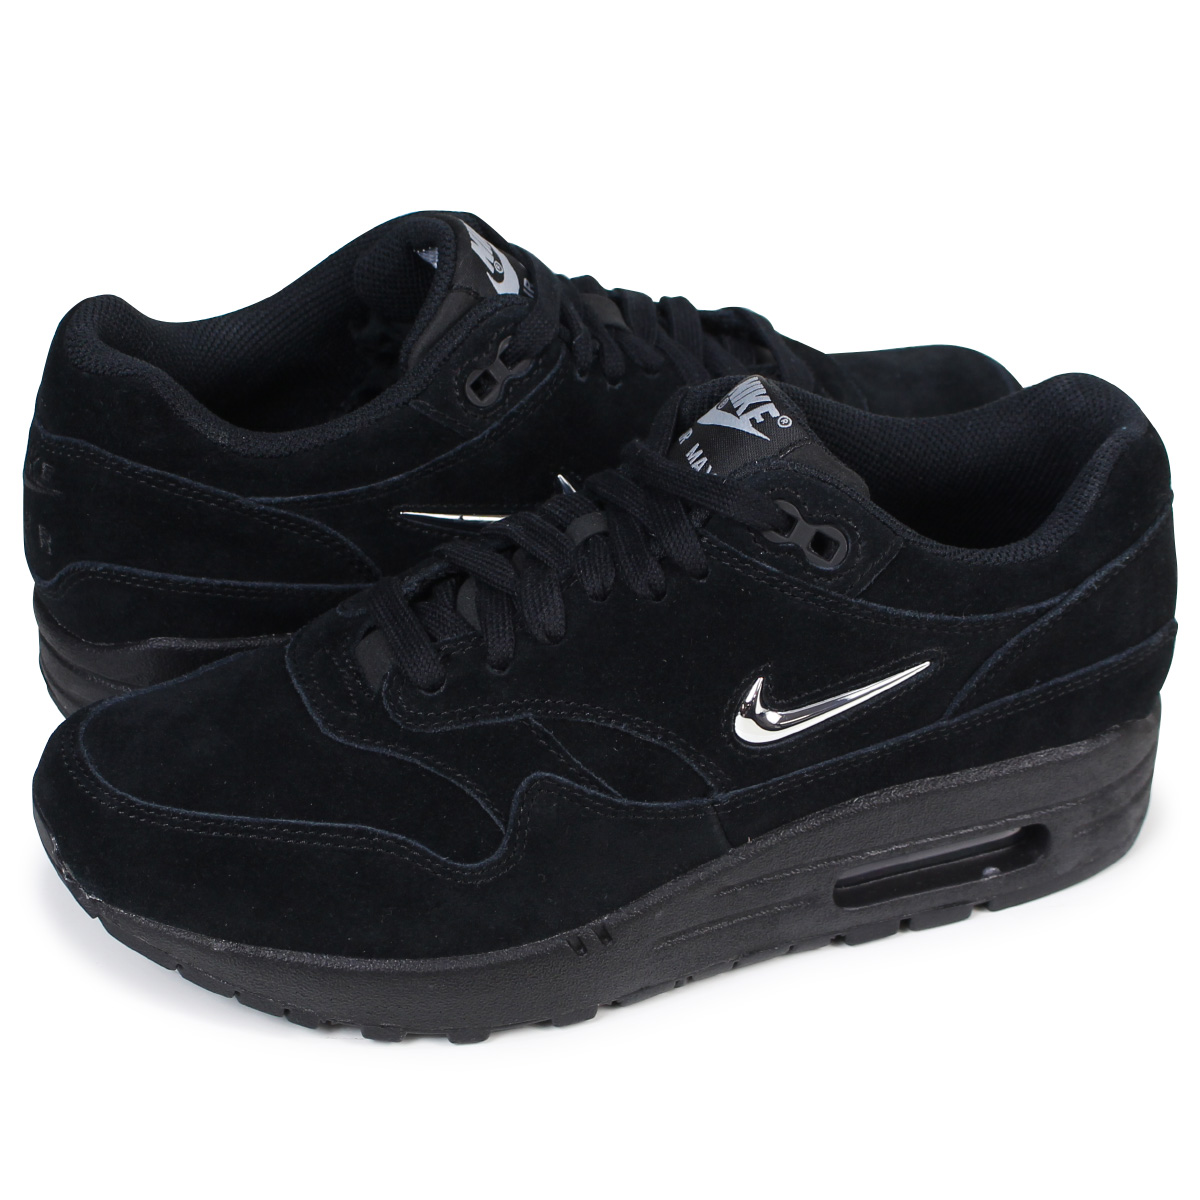 Nike Womens Air Max 1 Premium SC BlackMetallic Silver AA0512 001